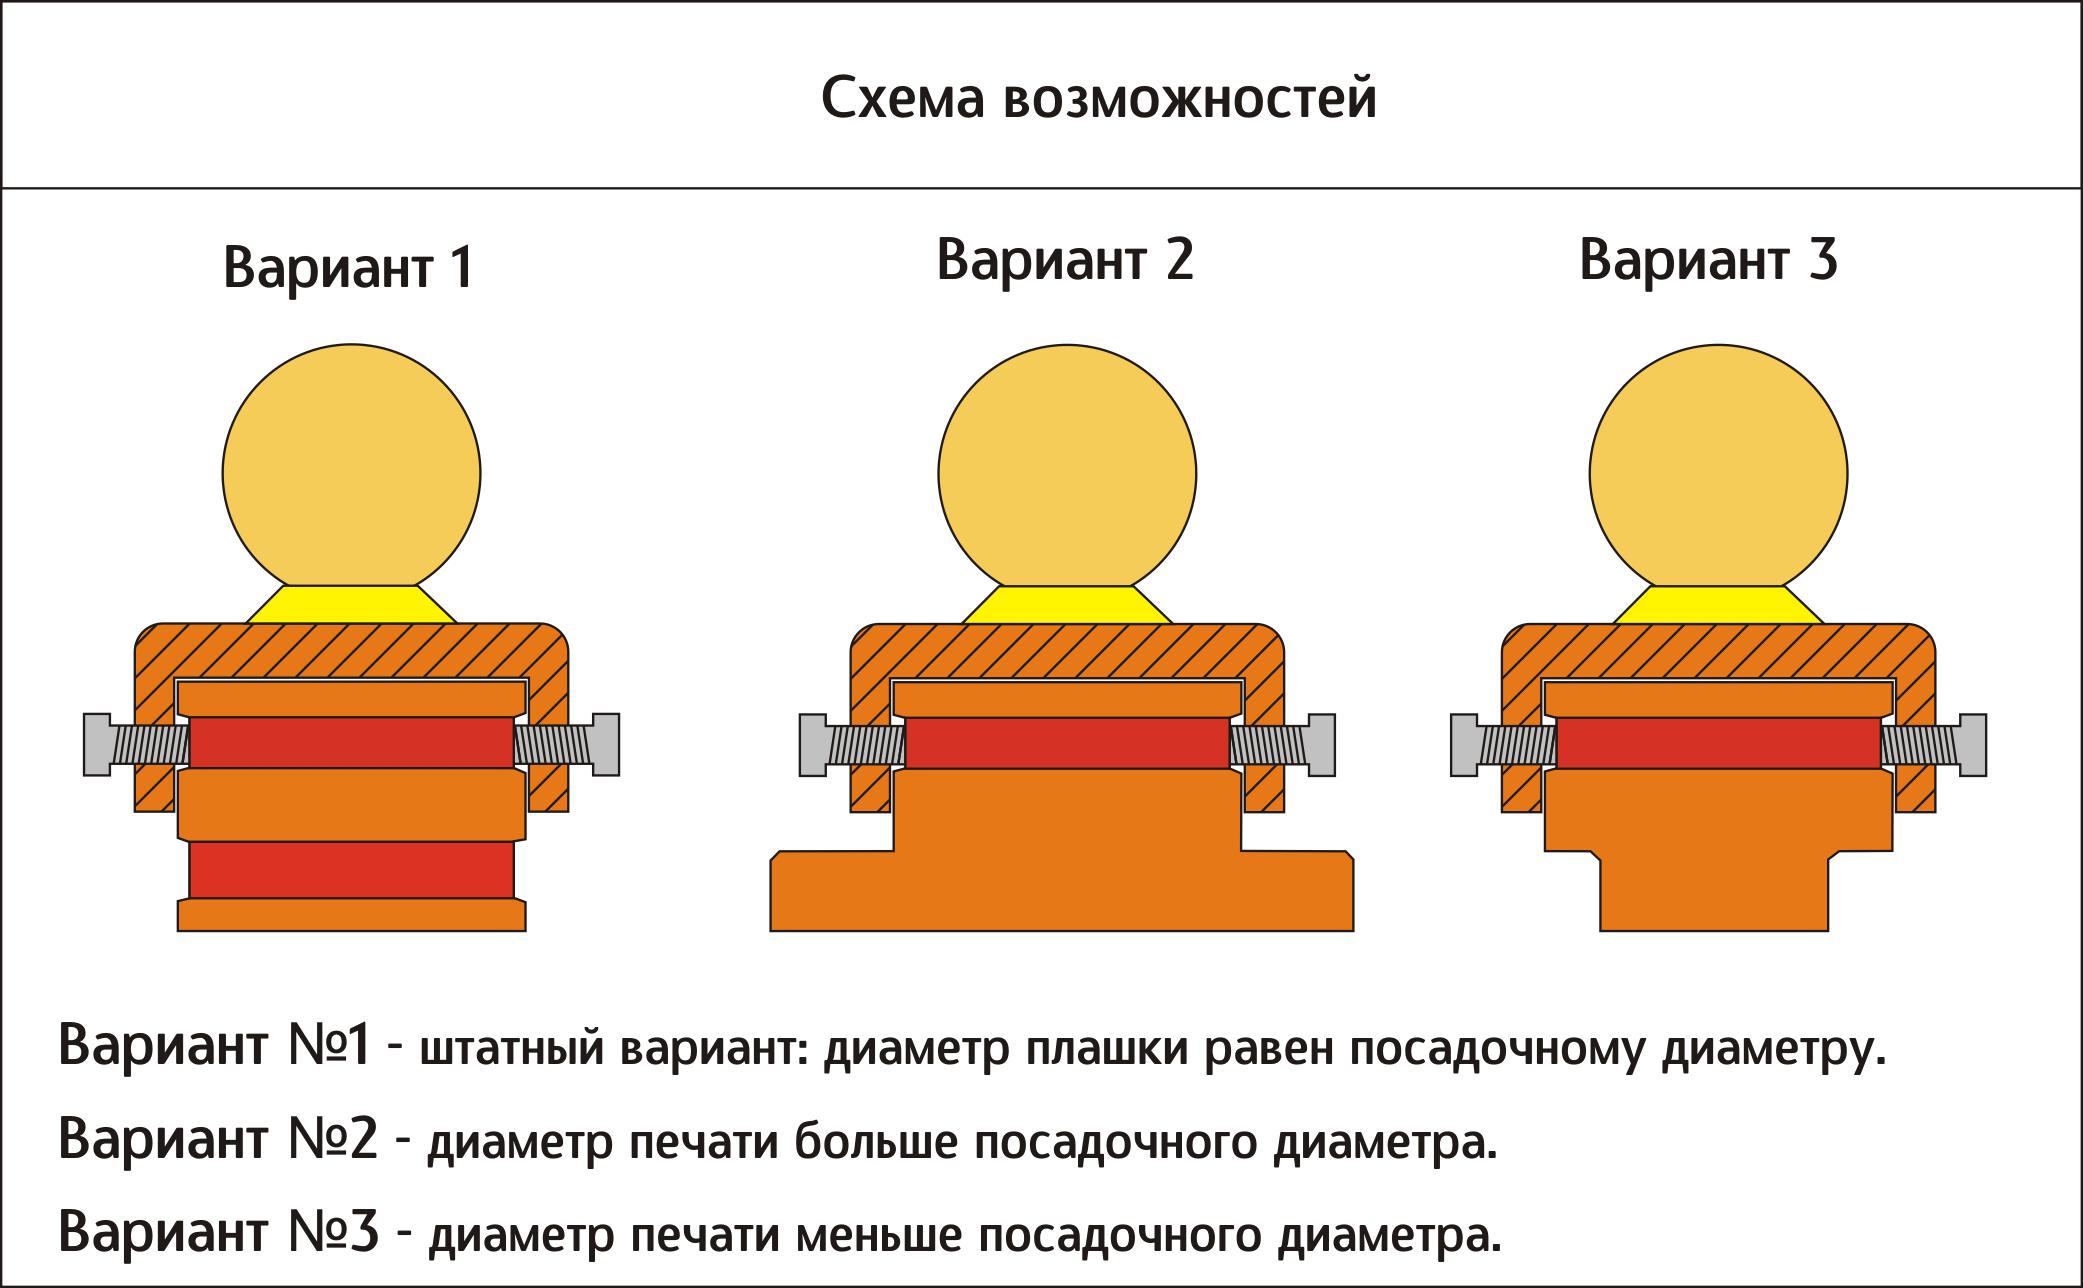 Варианты комбинаций держателя и плашек с сургучными печатями